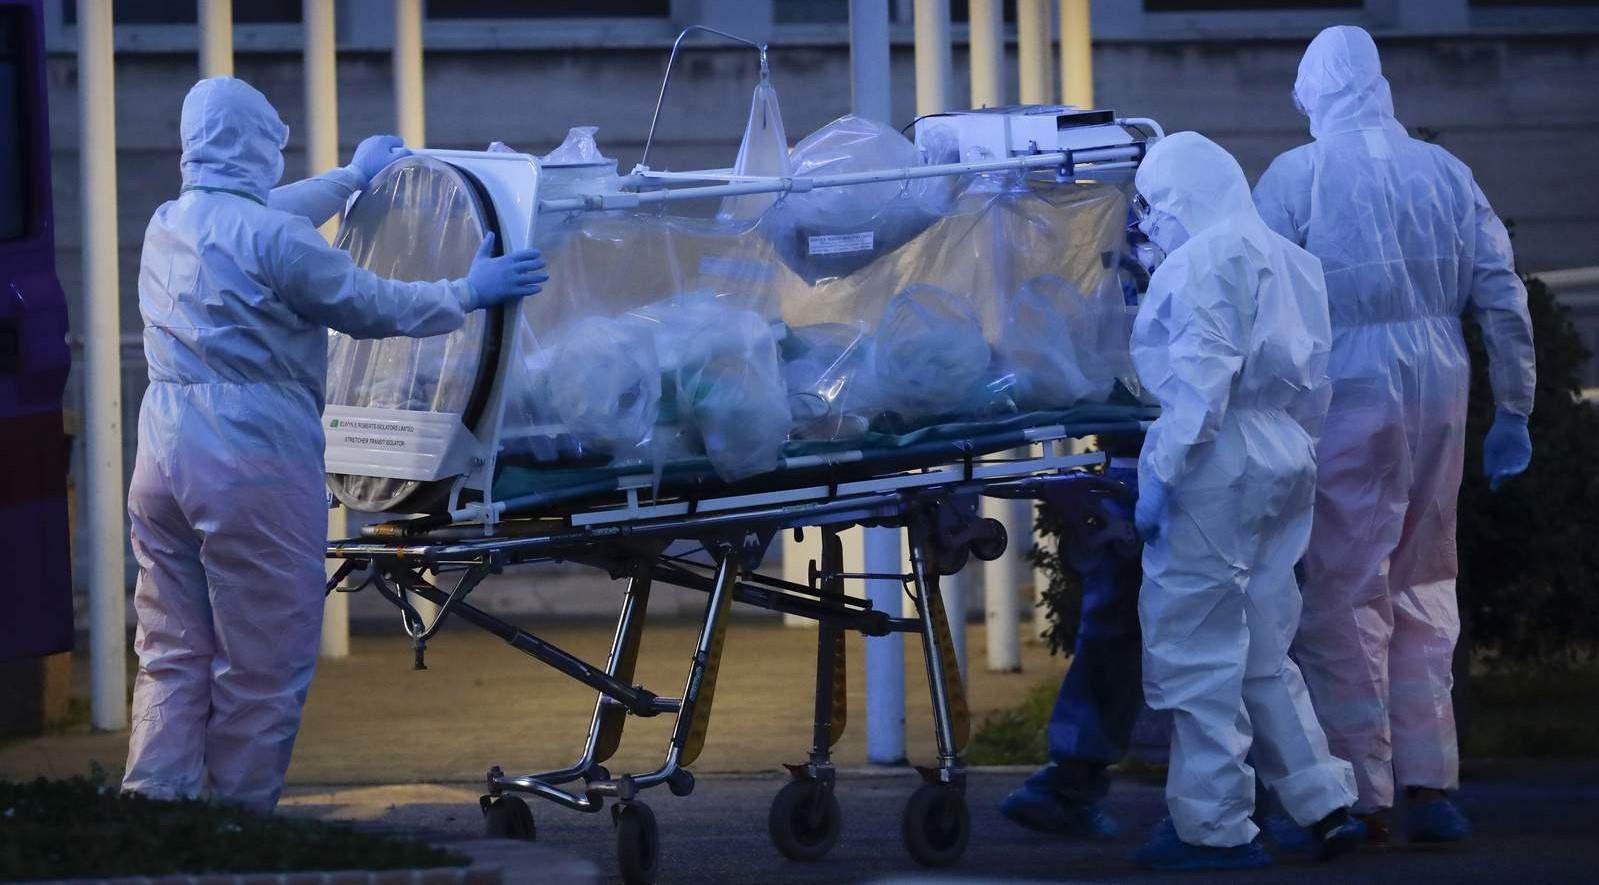 Κορονοϊός: Συνεχίζεται το αρνητικό ρεκόρ σε κρούσματα, θανάτους